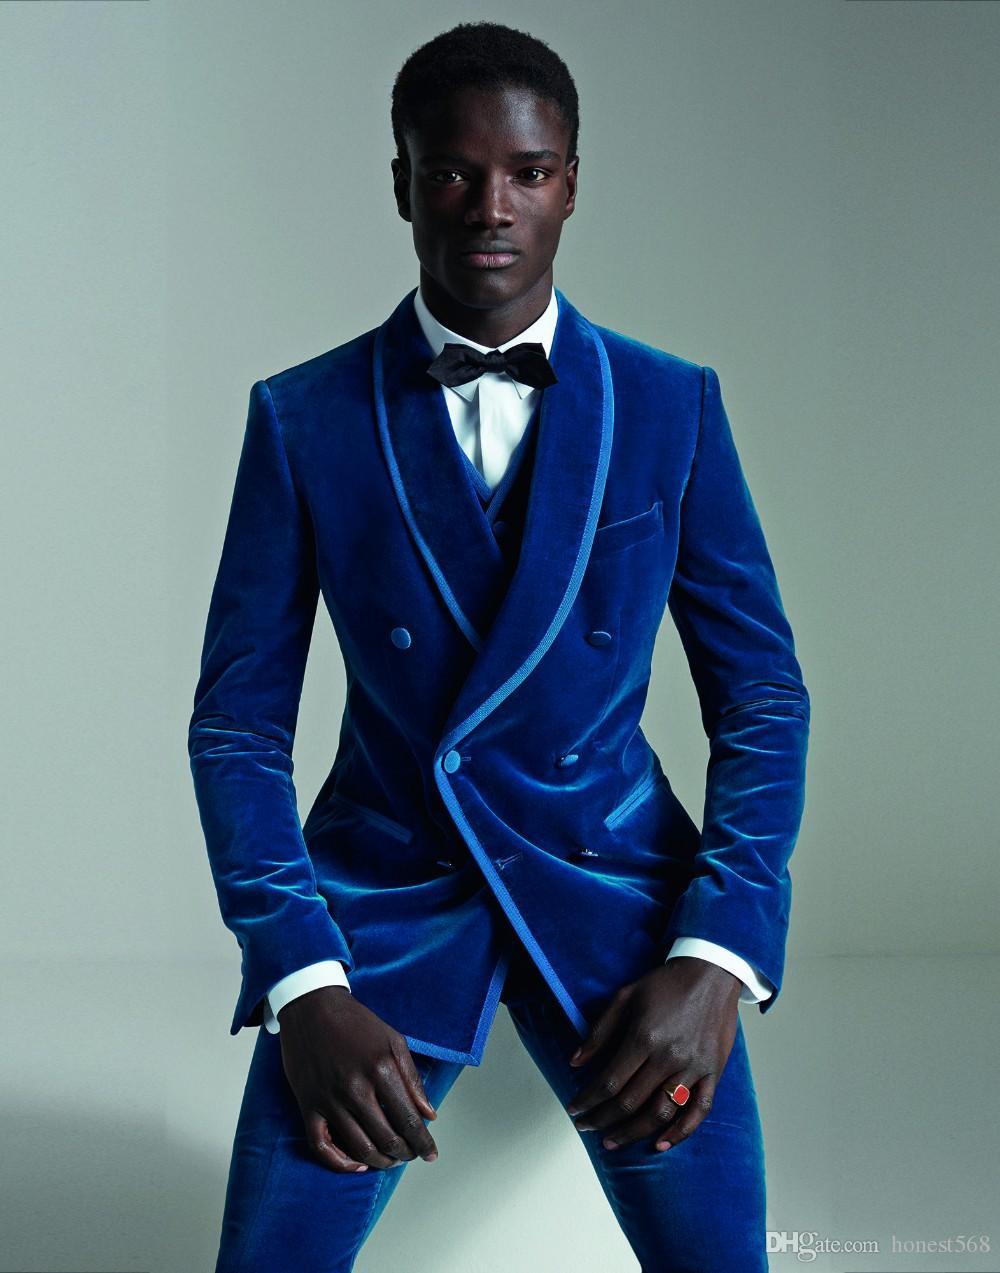 Bonito De Veludo Groomsmen Xaile Lapela Do Noivo Smoking Ternos Dos Homens de Casamento / Prom / Jantar Melhor Homem Blazer (Jacket + Pants + Tie + Vest) 117